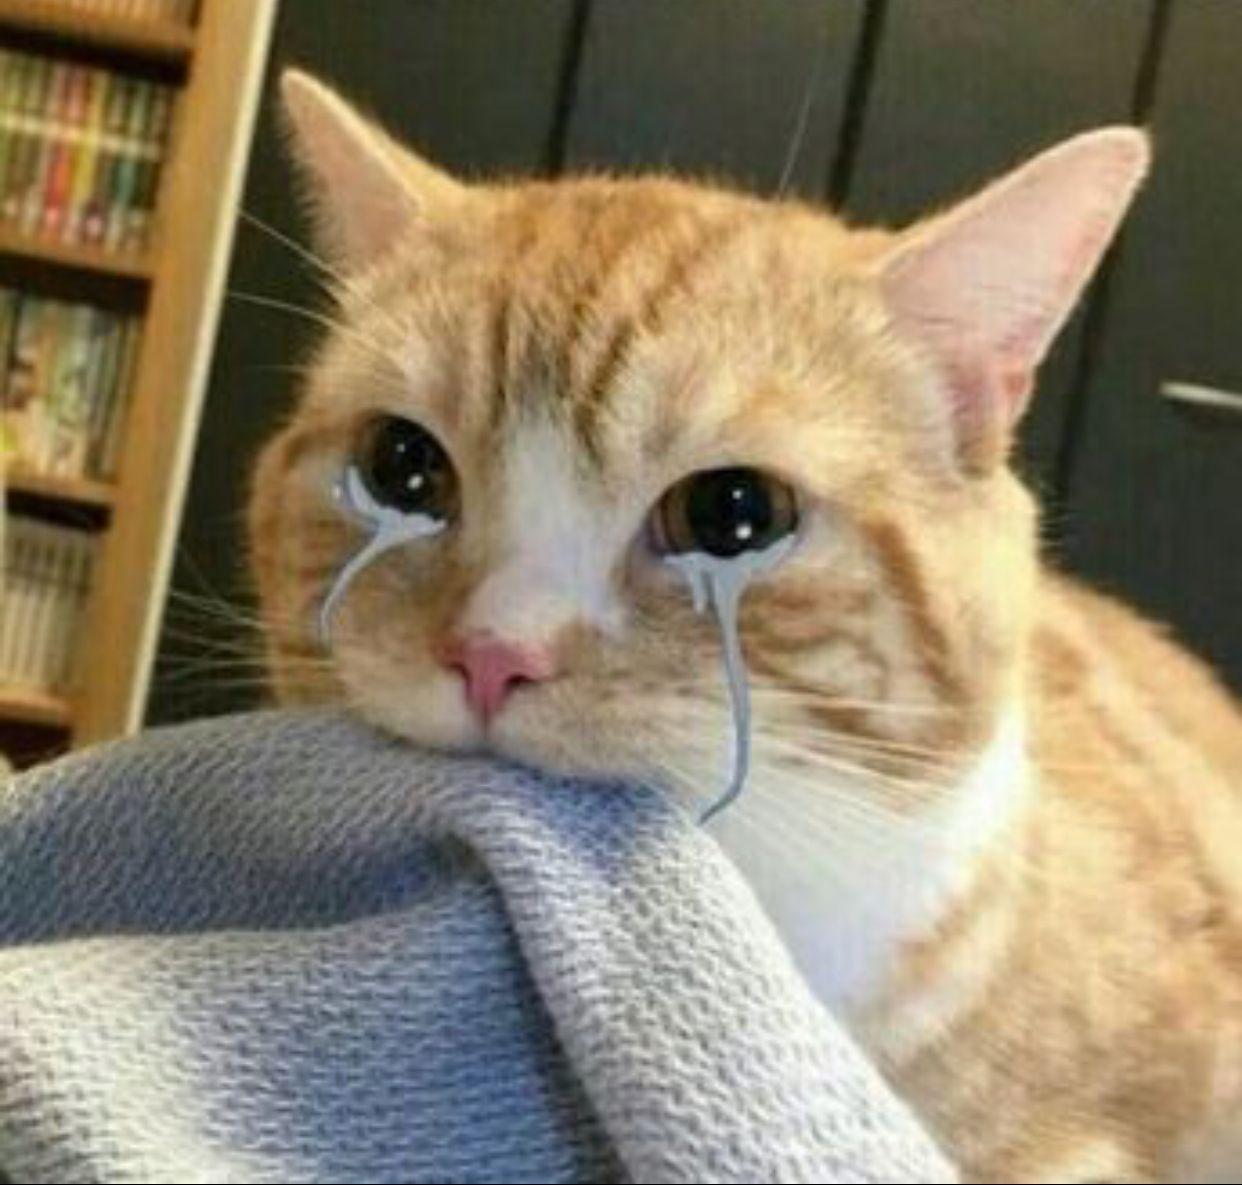 Top 29 Crying Cat Memes Cute cat memes, Cat memes, Cute